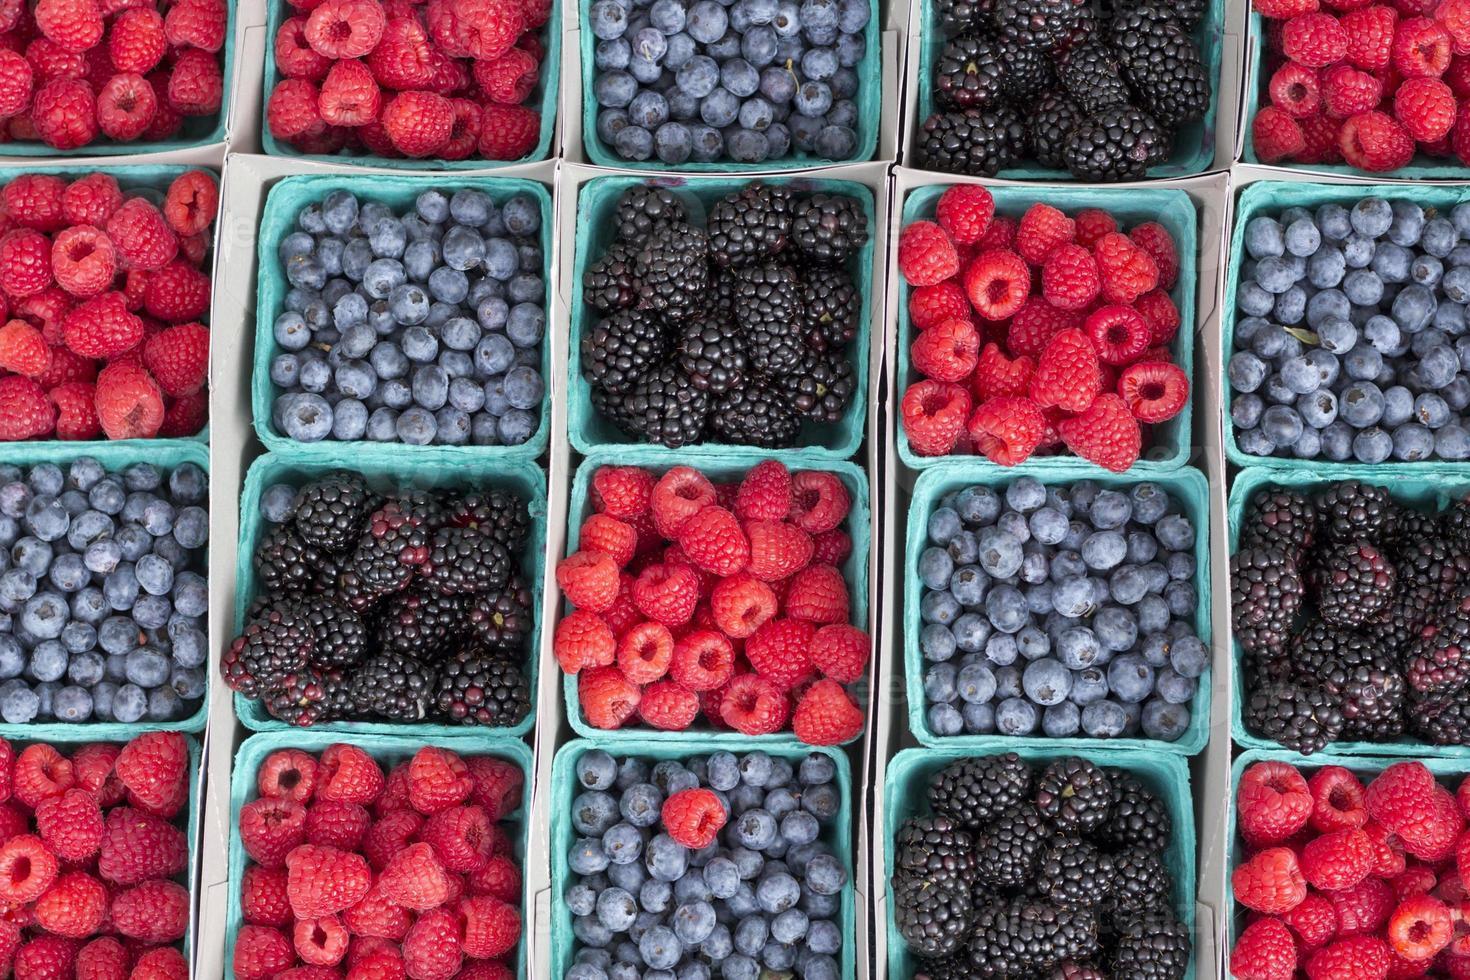 fraises myrtilles mûres photo